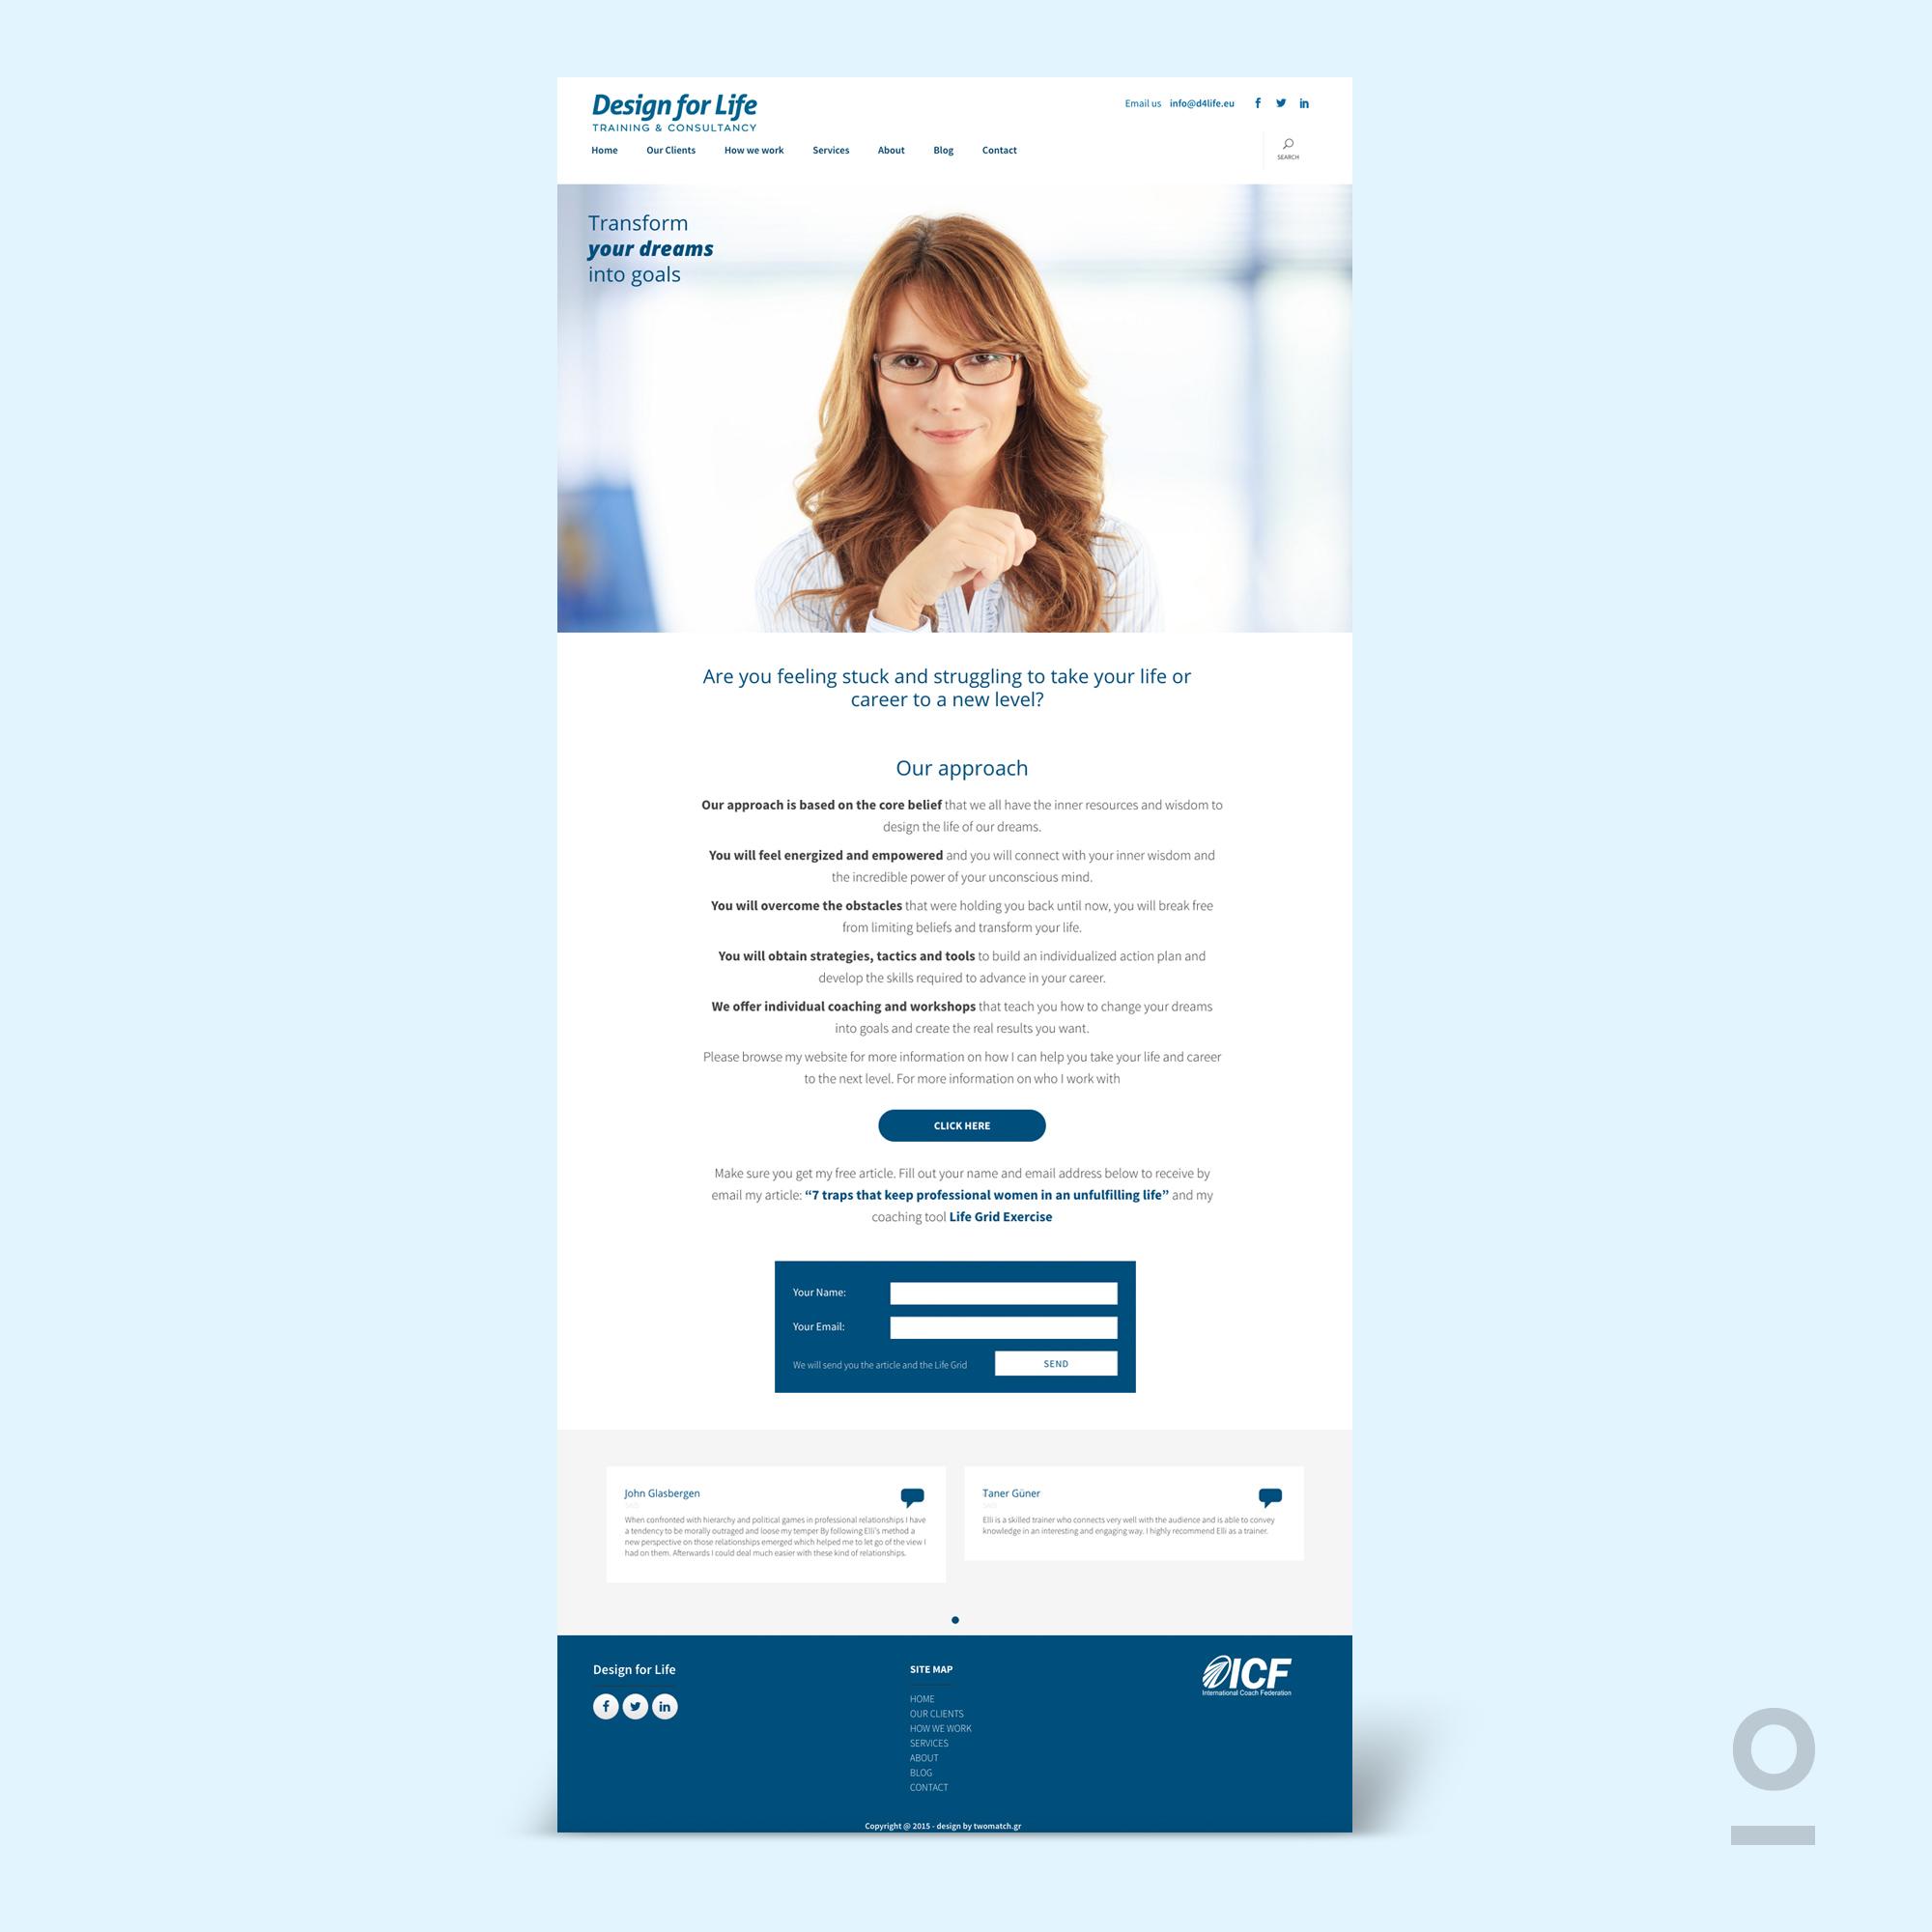 d4life_website_02